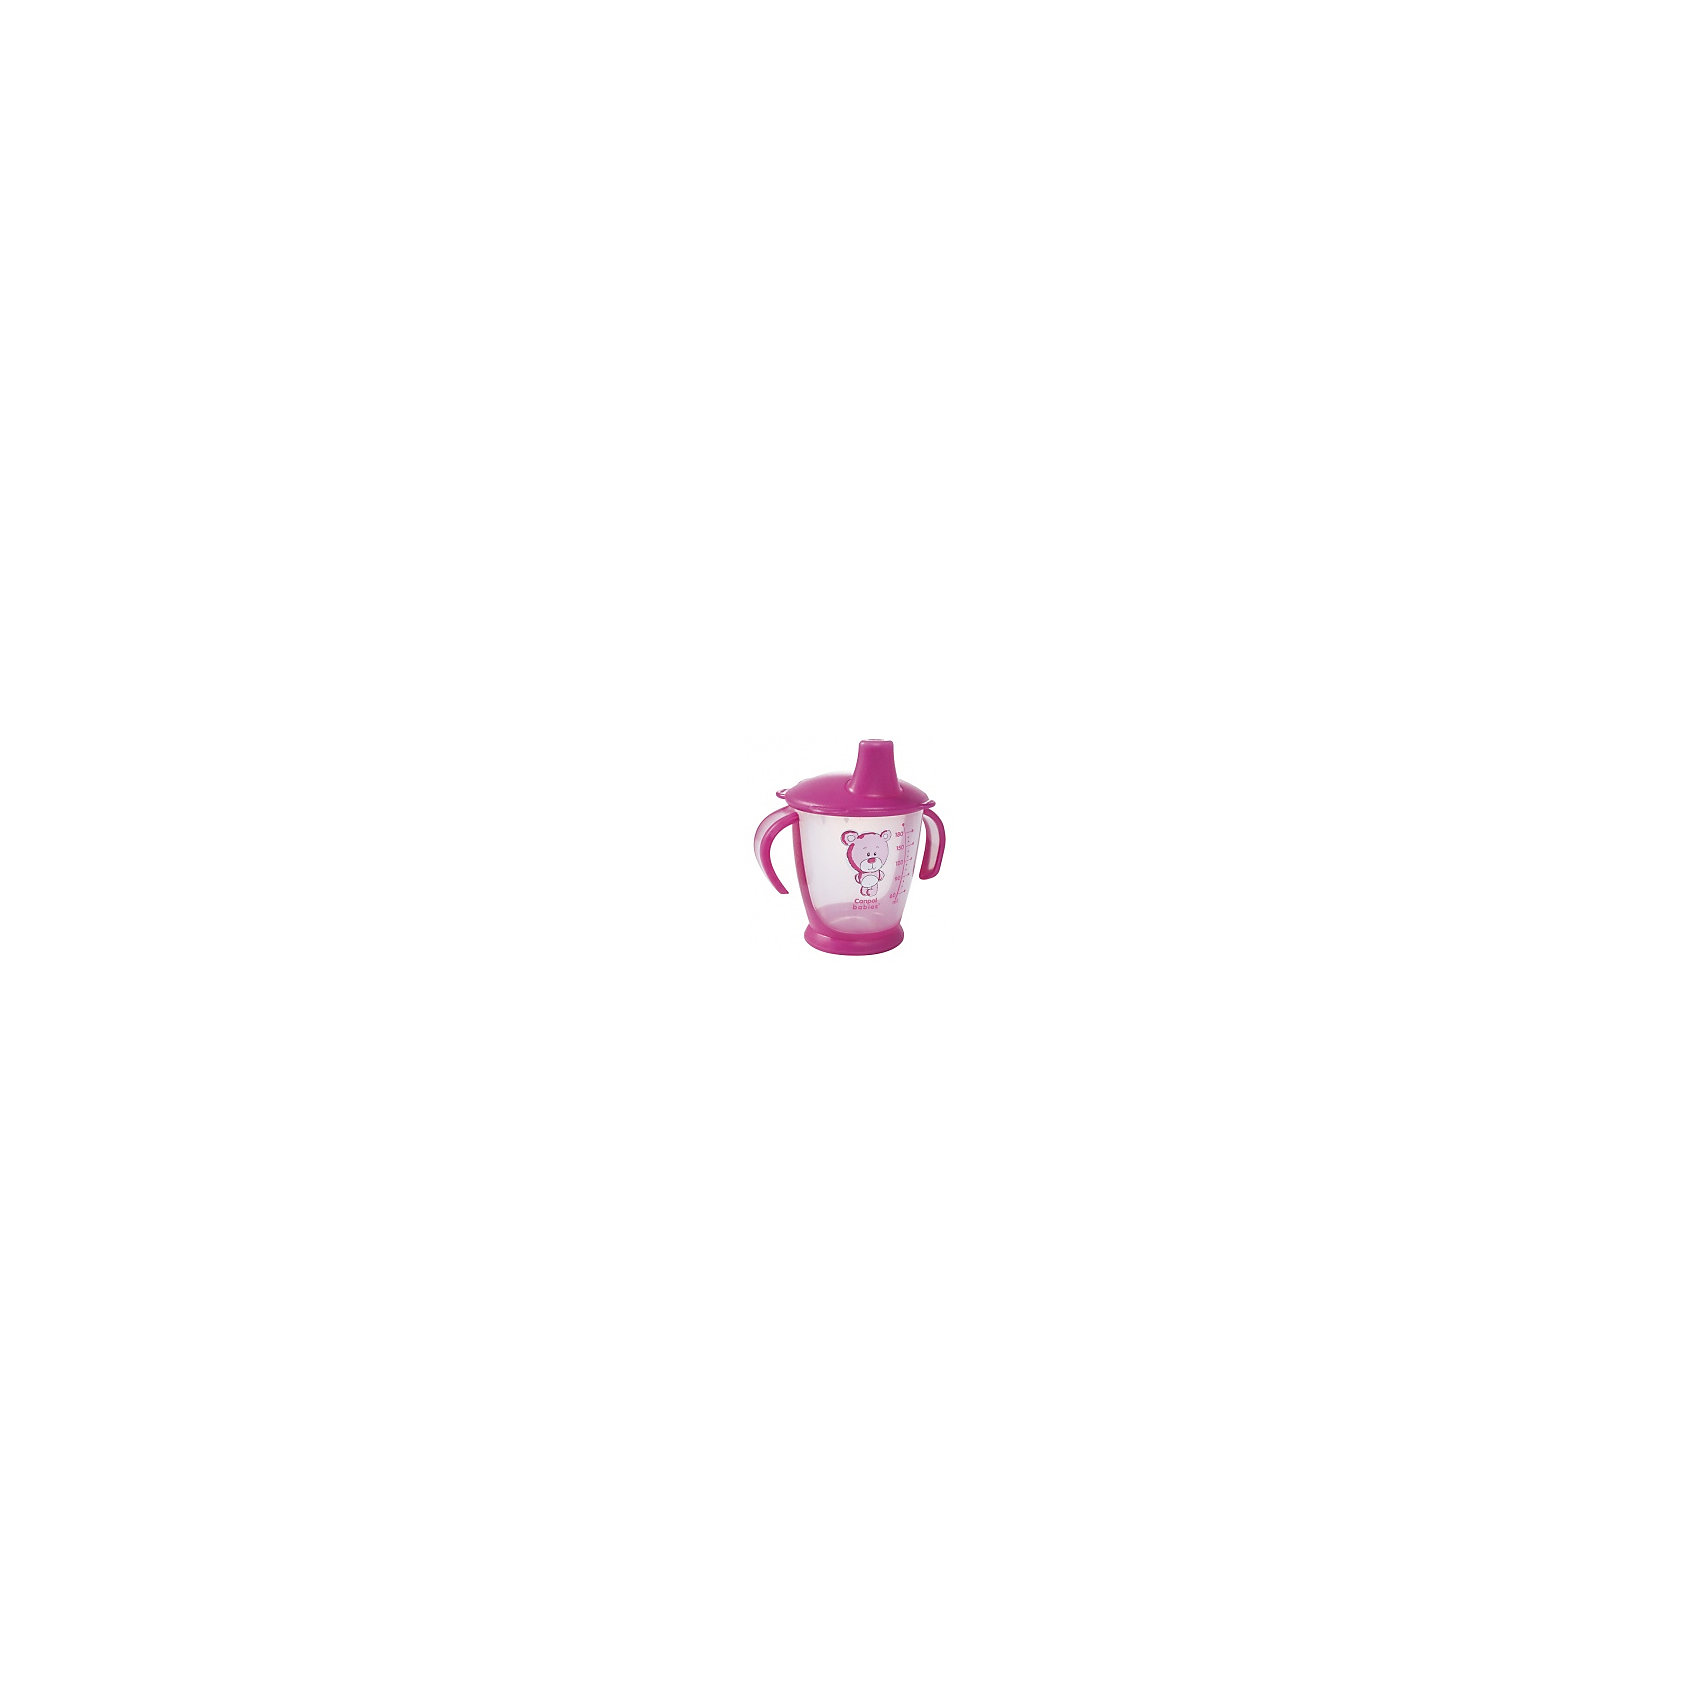 Поильник-непроливайка Медвежонок, 250 мл., Canpol Babies, розовыйПоильники<br>Поильник-непроливайка Медвежонок от Canpol (Канпол) в ассортименте идеально подойдет для малышей, которые учатся пить из чашки. Удобные фигурные ручки позволяют ребенку легко держать поильник. Герметичная крышка оснащена специальным мягким носиком для питья, который не раздражает десны малыша и помогает ему комфортно перейти от кормления из бутылочки к питью из чашки.<br><br>Специальные клапаны предотвращают проливание жидкости, если поильник упадет или перевернется. Нескользящее дно обеспечивает поильнику устойчивое положение. Когда ребенок подрастет крышку можно снять и использовать поильник как обычную чашку. Поильник имеет яркий привлекательный для ребенка дизайн и украшен забавным рисунком медвежонка, имеется шкала с делениями, показывающая объем налитой жидкости.<br><br>Дополнительная информация:<br><br>- Материал: полипропилен.<br>- Объем: 250 мл.<br>- Размер упаковки: 15 х 11 х 9 см.<br>- Вес: 71 гр.<br><br>Поильник-непроливайку Медвежонок, Canpol (Канпол) можно купить в нашем интернет-магазине.<br><br>Ширина мм: 150<br>Глубина мм: 114<br>Высота мм: 90<br>Вес г: 88<br>Цвет: розовый<br>Возраст от месяцев: 9<br>Возраст до месяцев: 36<br>Пол: Женский<br>Возраст: Детский<br>SKU: 4340051